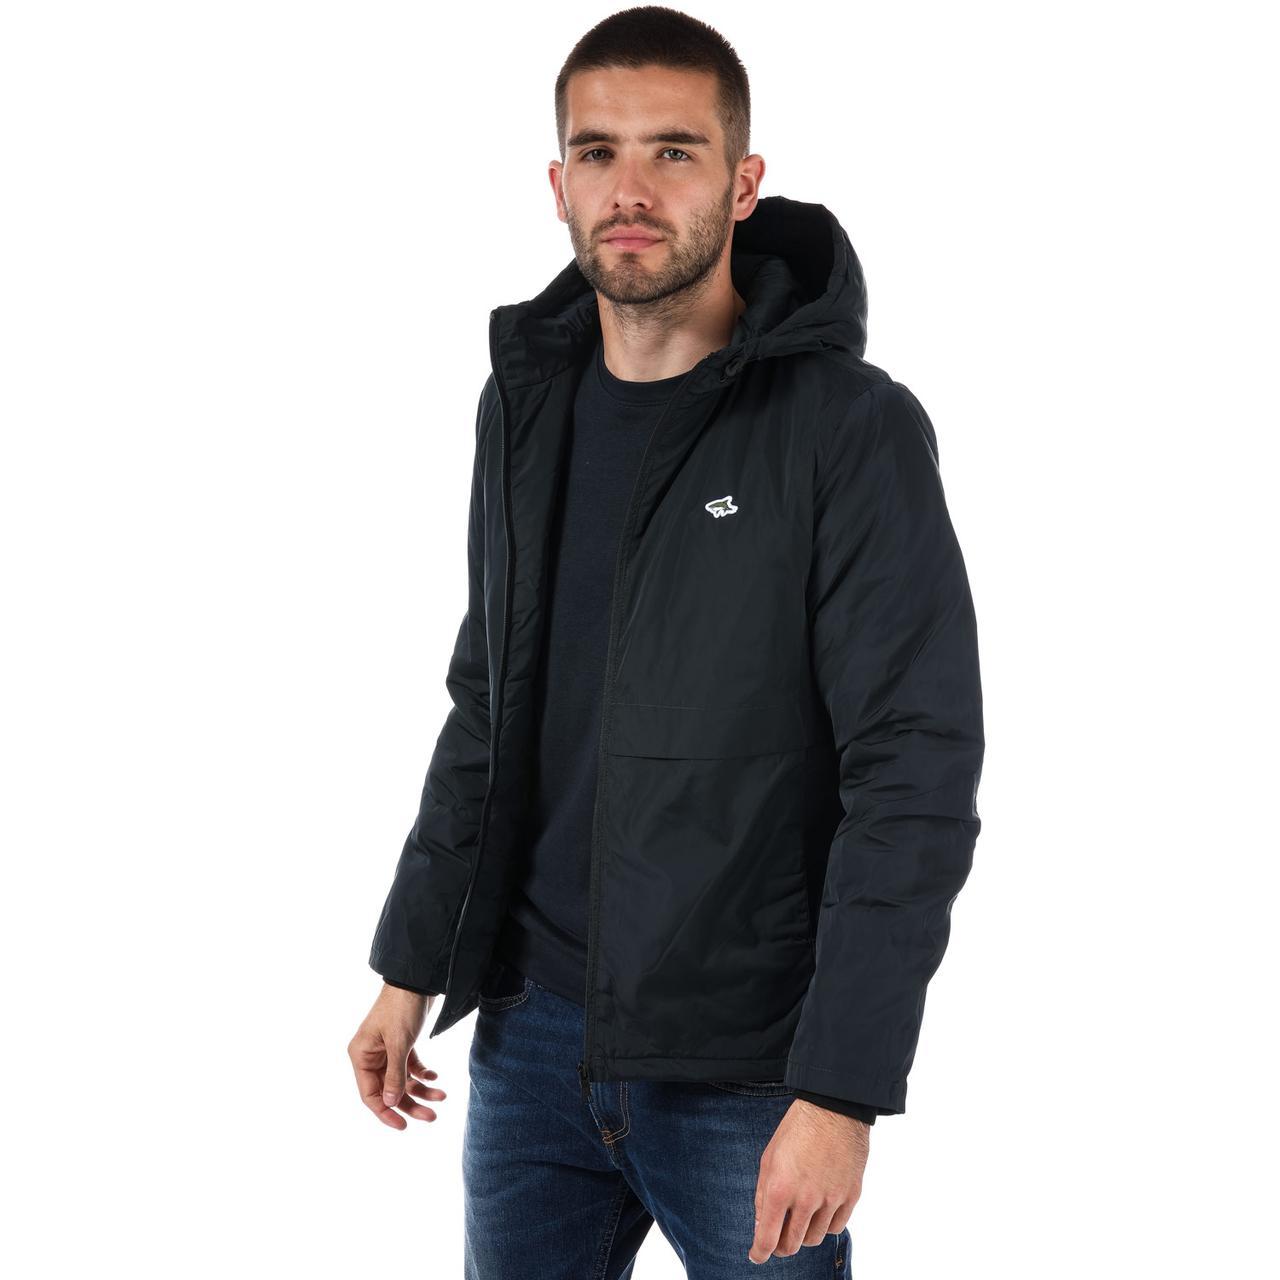 Демисезонная синяя мужская куртка прямая Le Shark Coen Zip Jacket